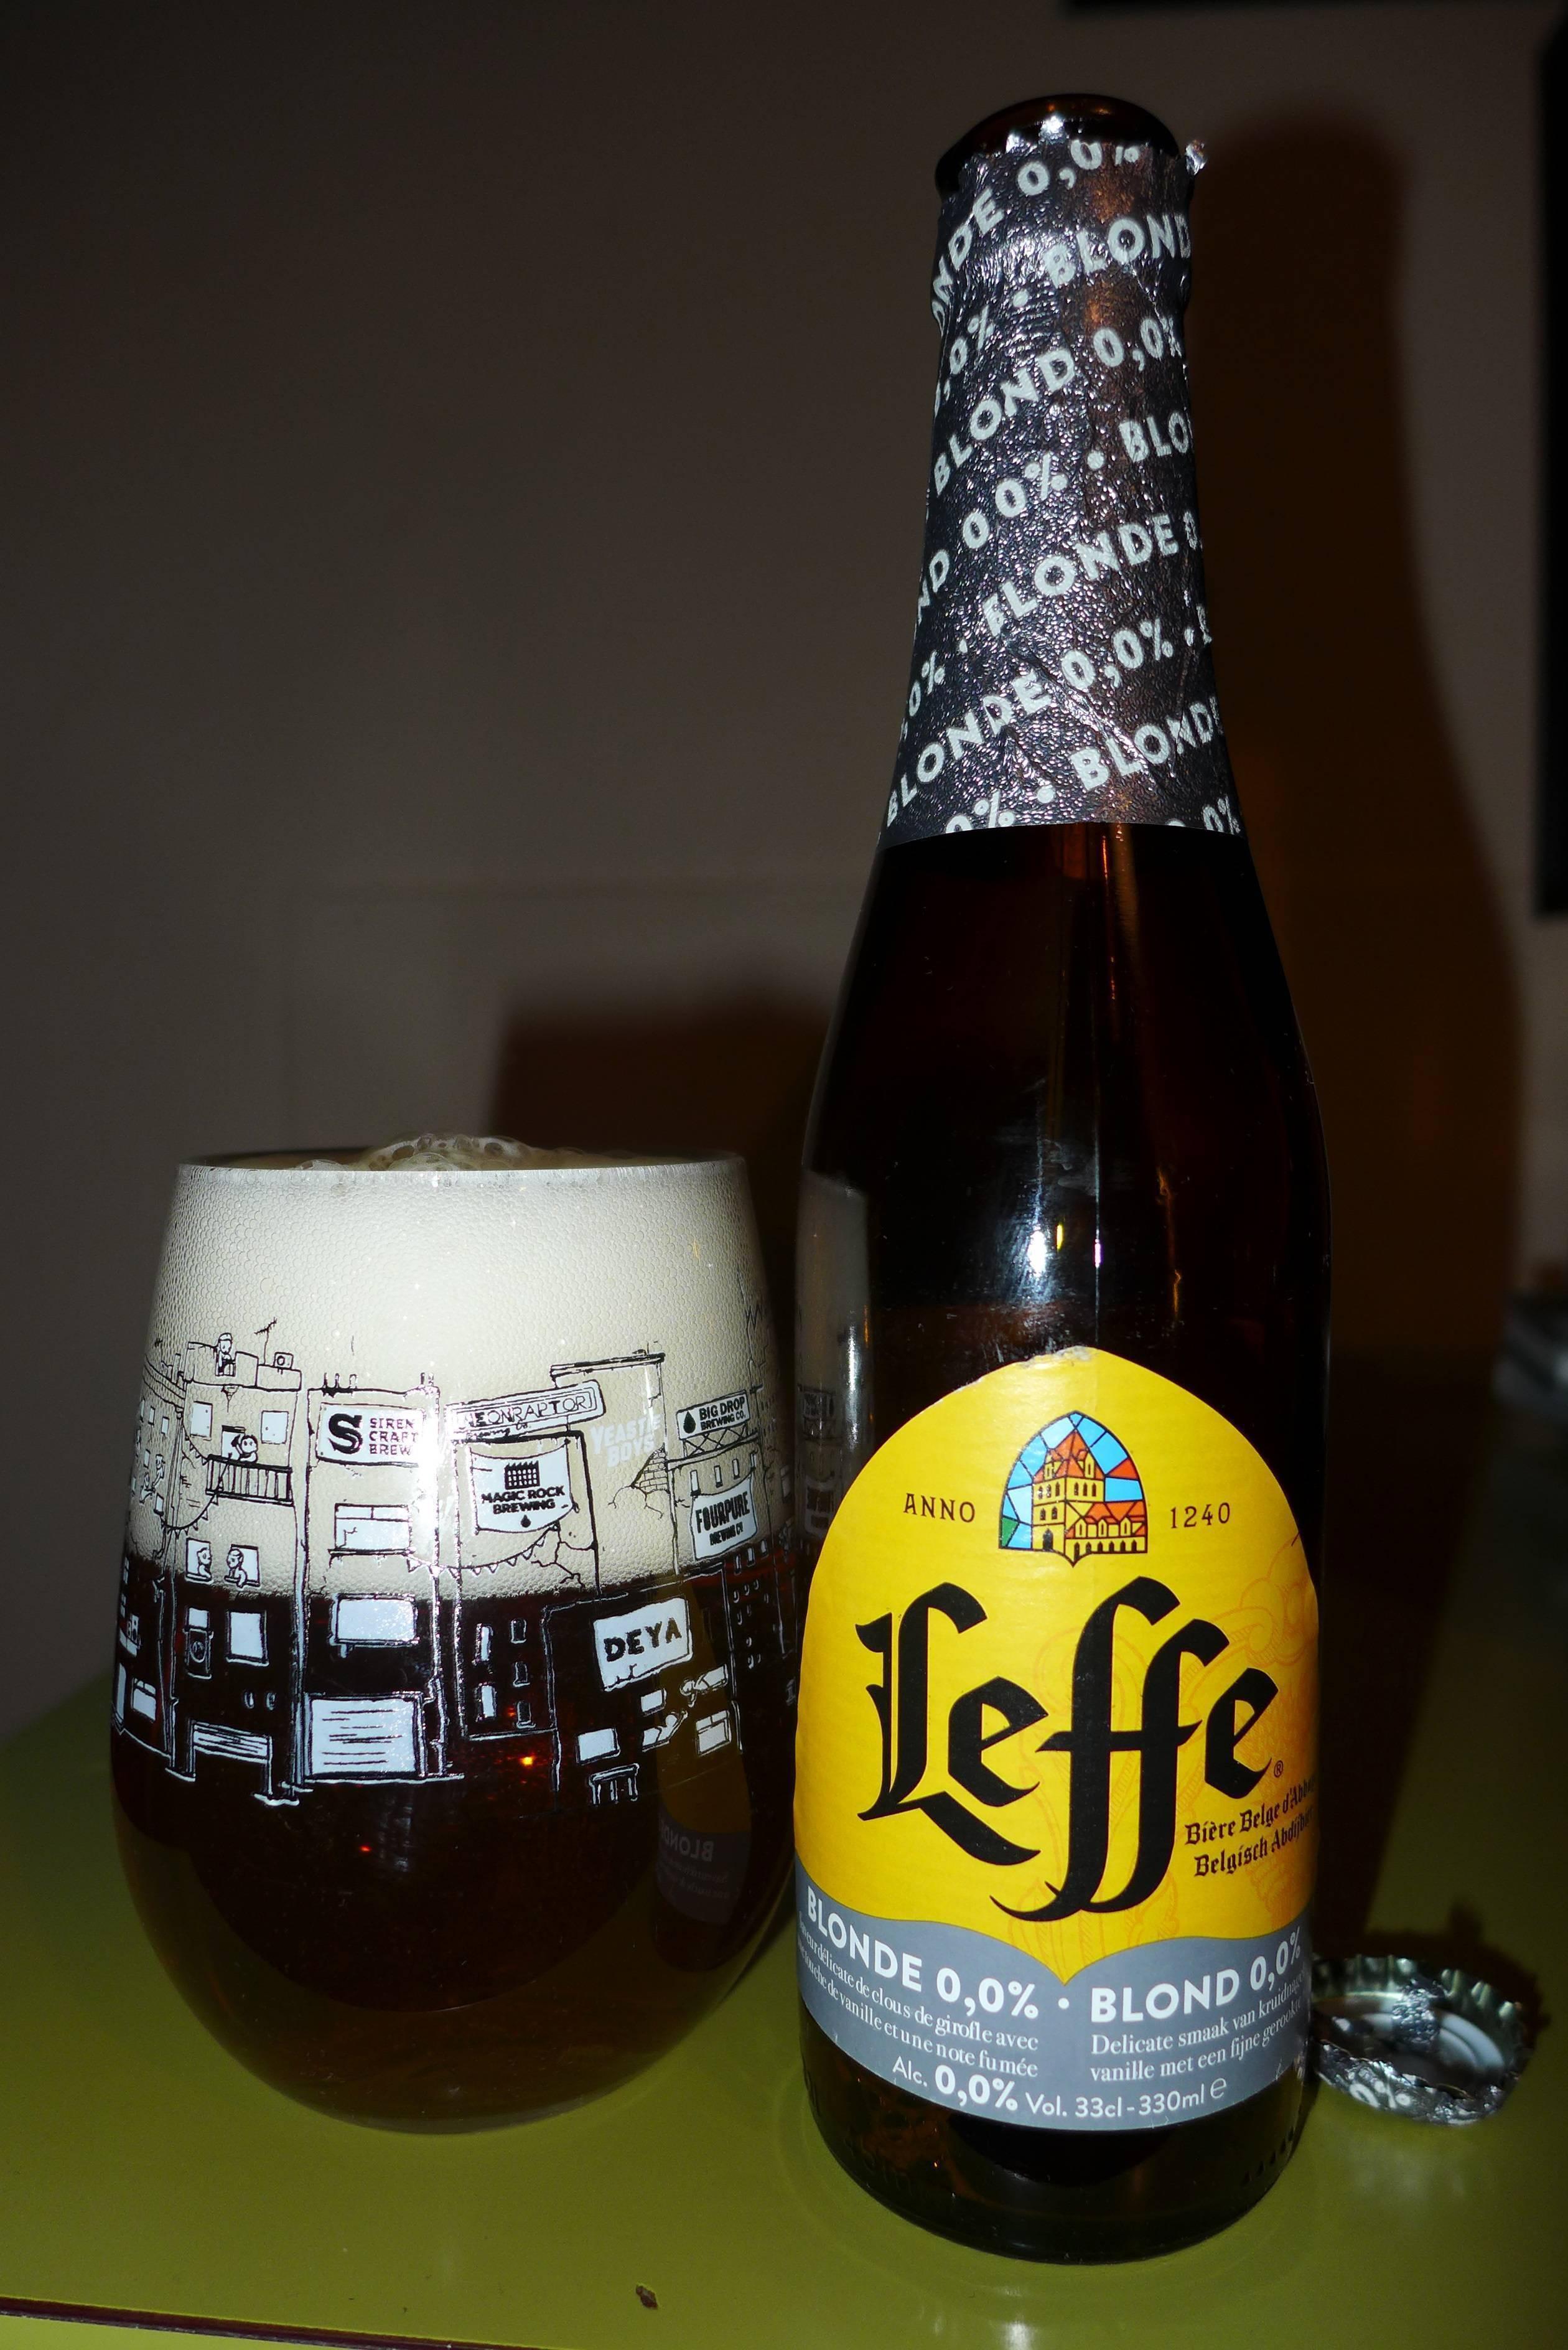 Пиво леффе (leffe): история бренда, вкусовые особенности, обзор линейки